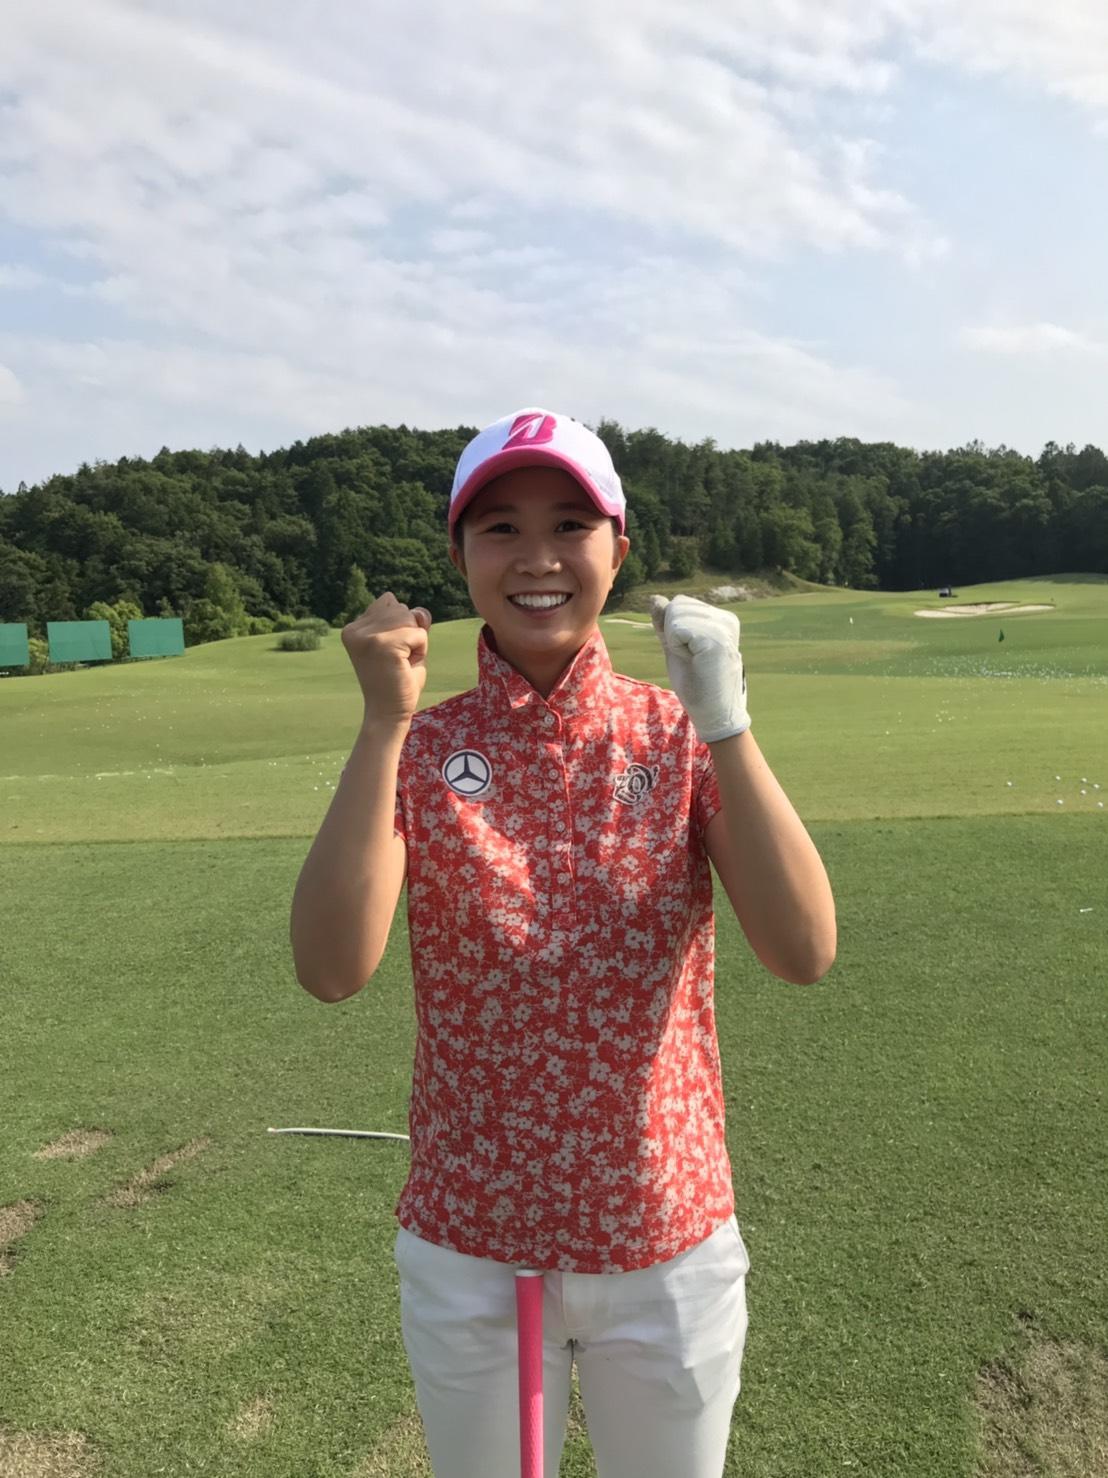 https://www.bs-golf.com/pro/90e7e77b5ae57fd381f68105cf8c55d1ab94365d.JPG